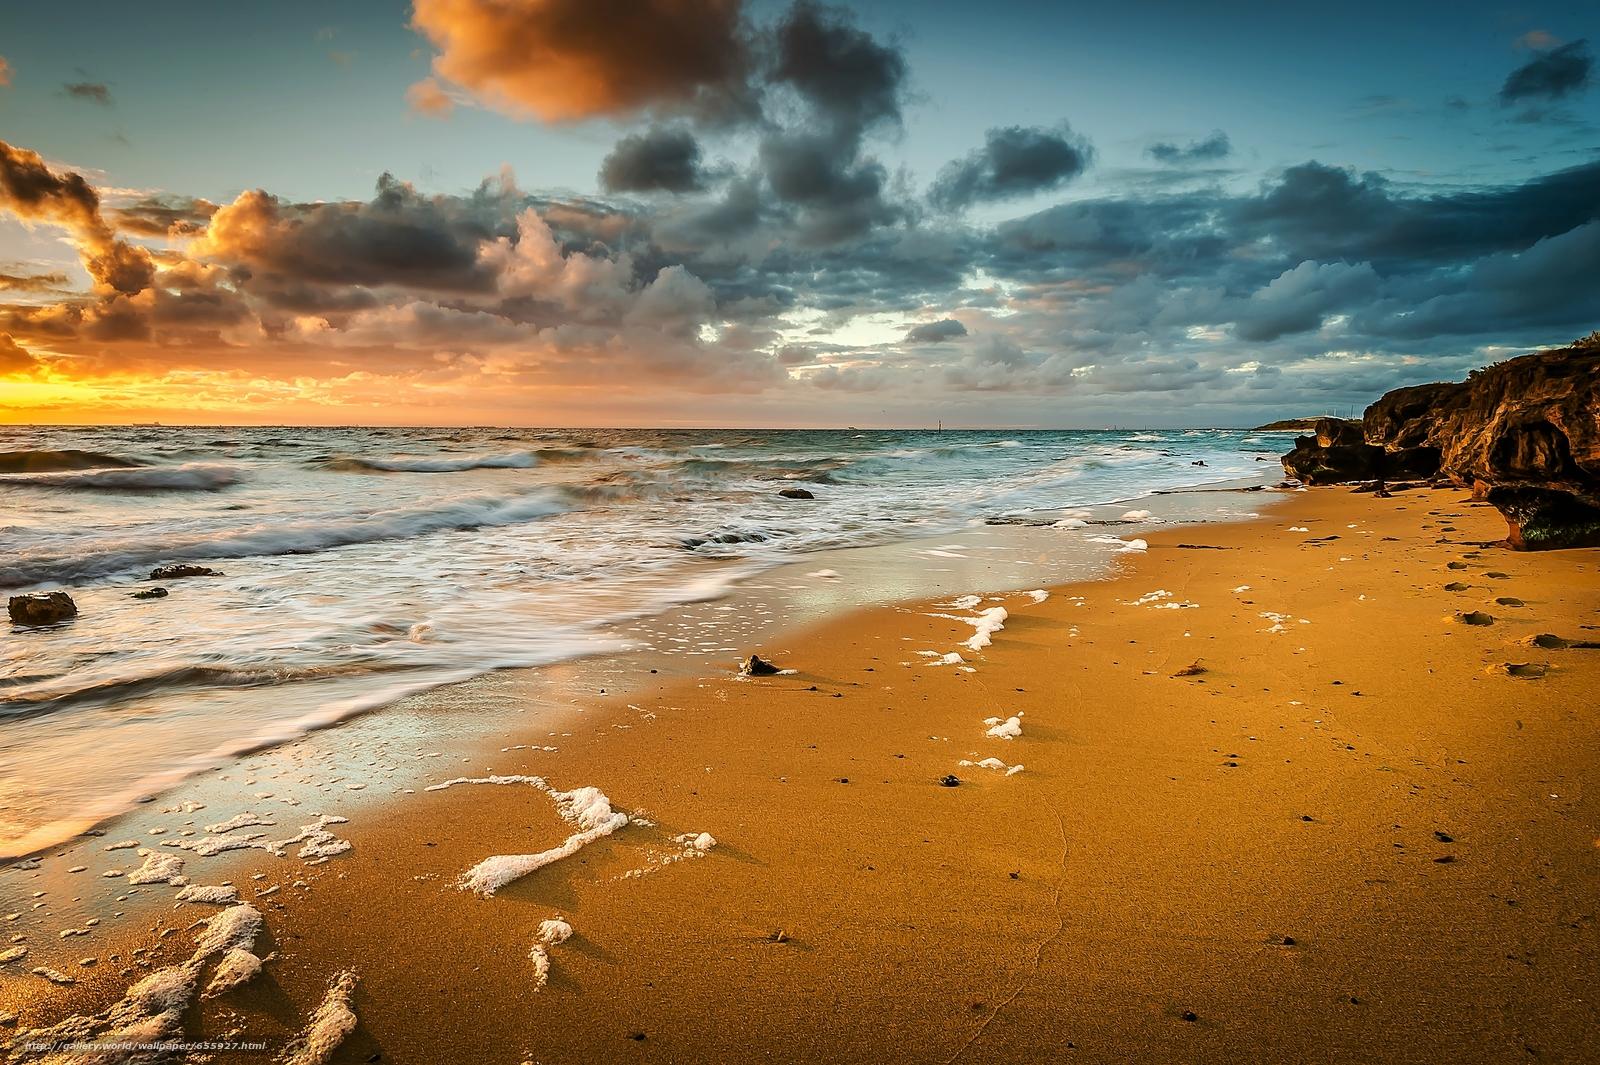 壁紙をダウンロード 日没,  海,  波浪,  風景 デスクトップの解像度のための無料壁紙 4612x3069 — 絵 №655927